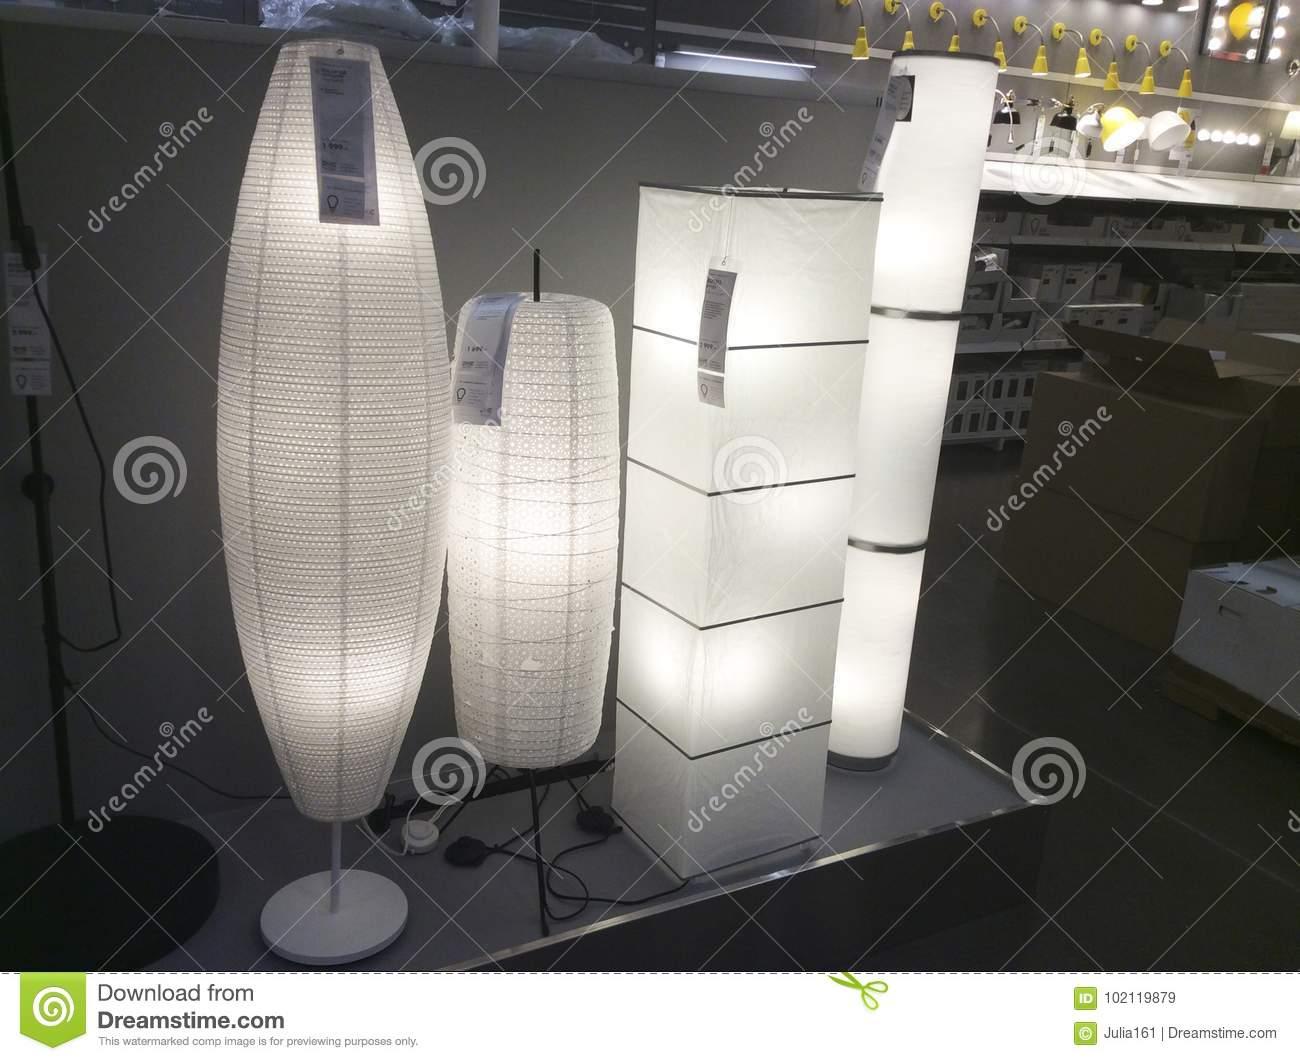 Full Size of Stehlampen Ikea Stehlampe Lampe Schirm Wien Dimmen Led Dimmbar Papier Lampenschirm Asiatische Art In Shop Redaktionelles Küche Kaufen Sofa Mit Schlaffunktion Wohnzimmer Stehlampen Ikea